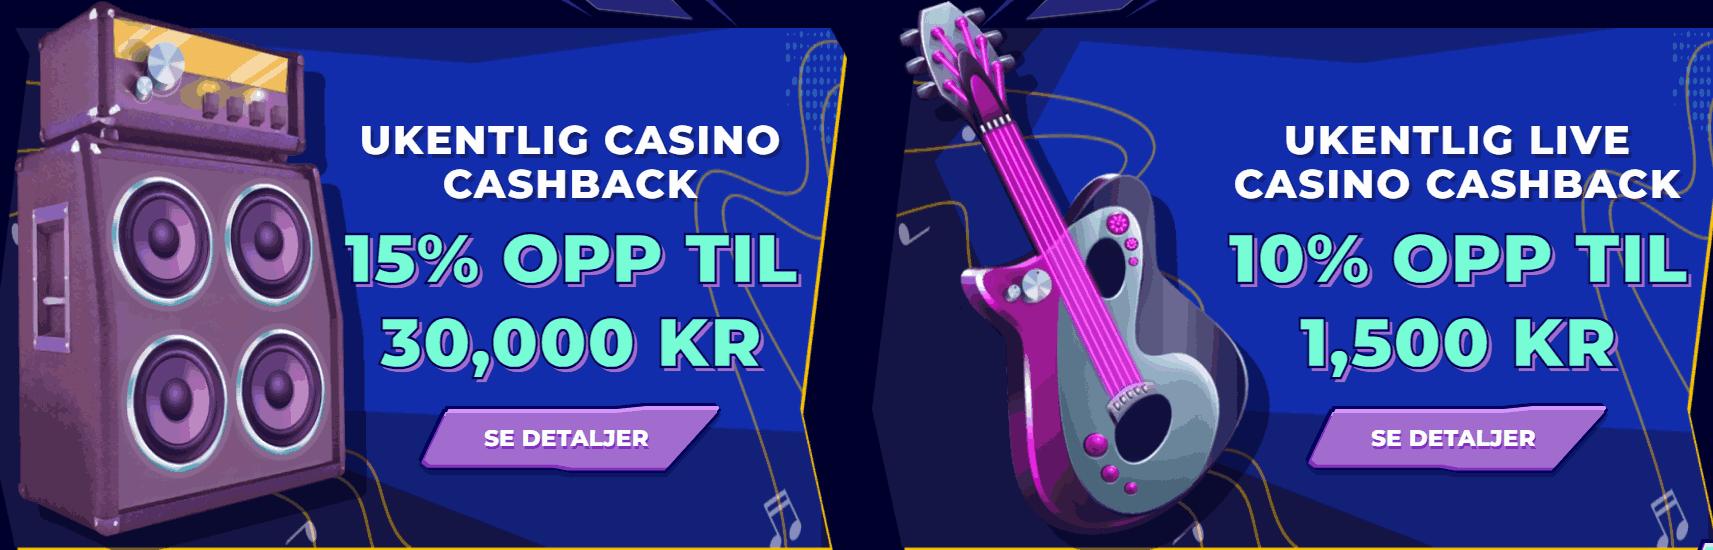 Boka casino bonus kampanje